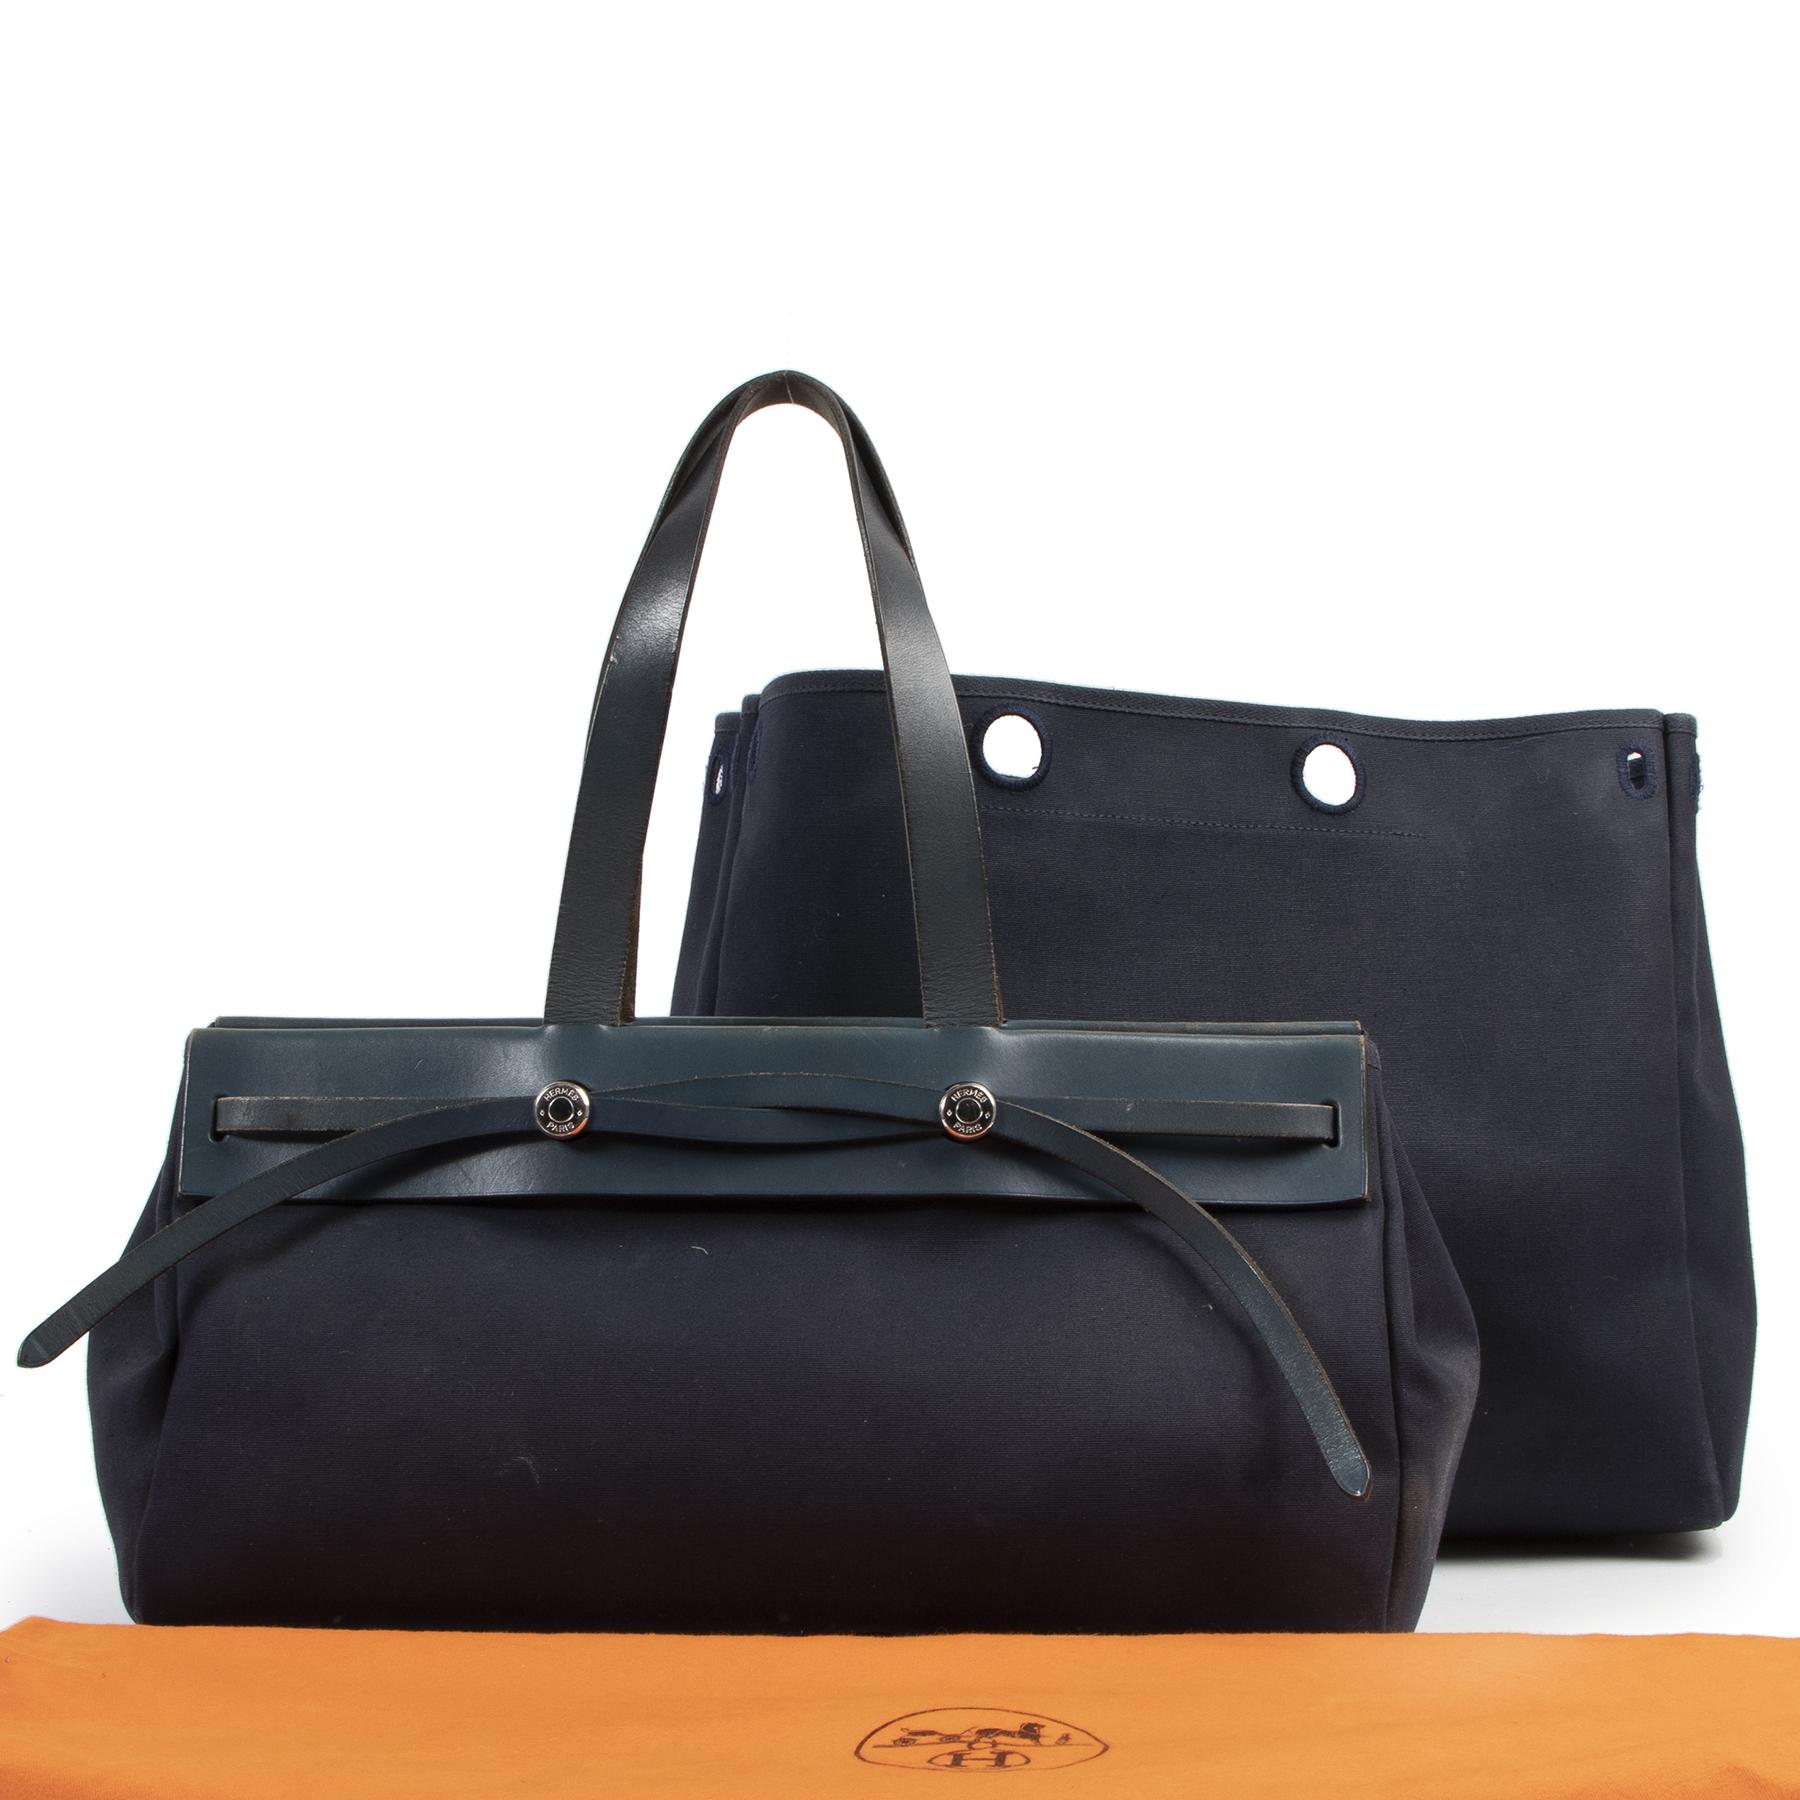 Authentieke Tweedehands Hermès Blue Marine Herbag Cabas Tote juiste prijs veilig online shoppen luxe merken webshop winkelen Antwerpen België mode fashion